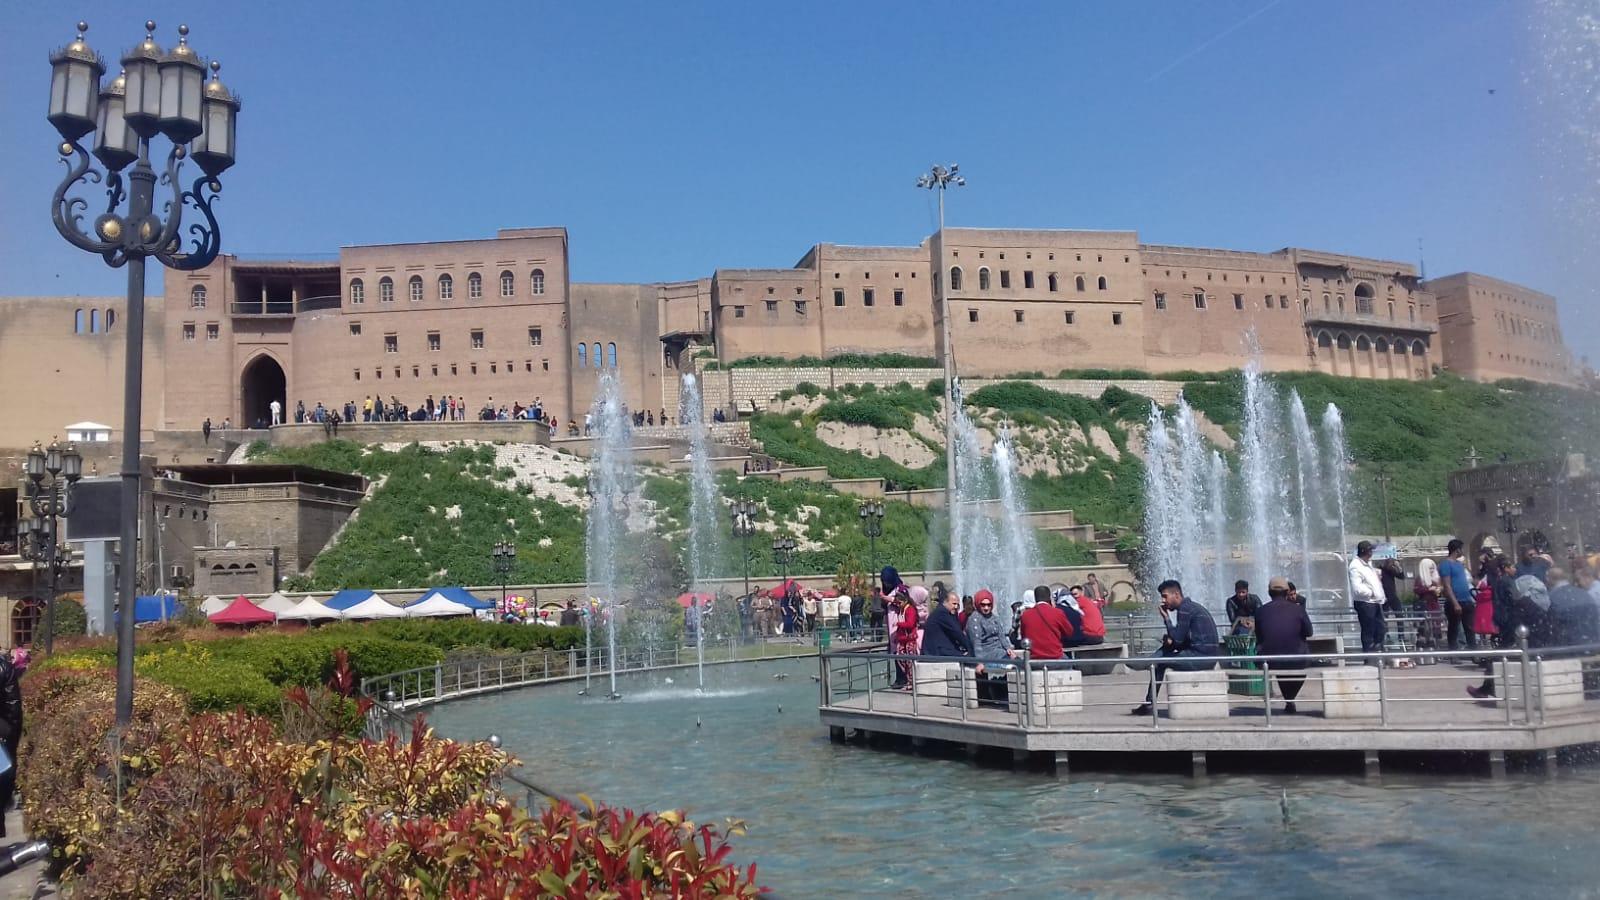 Erbil bellissima e patrimonio culturale dell'umanità, prima o poi dovrai venirci, 22.3.19